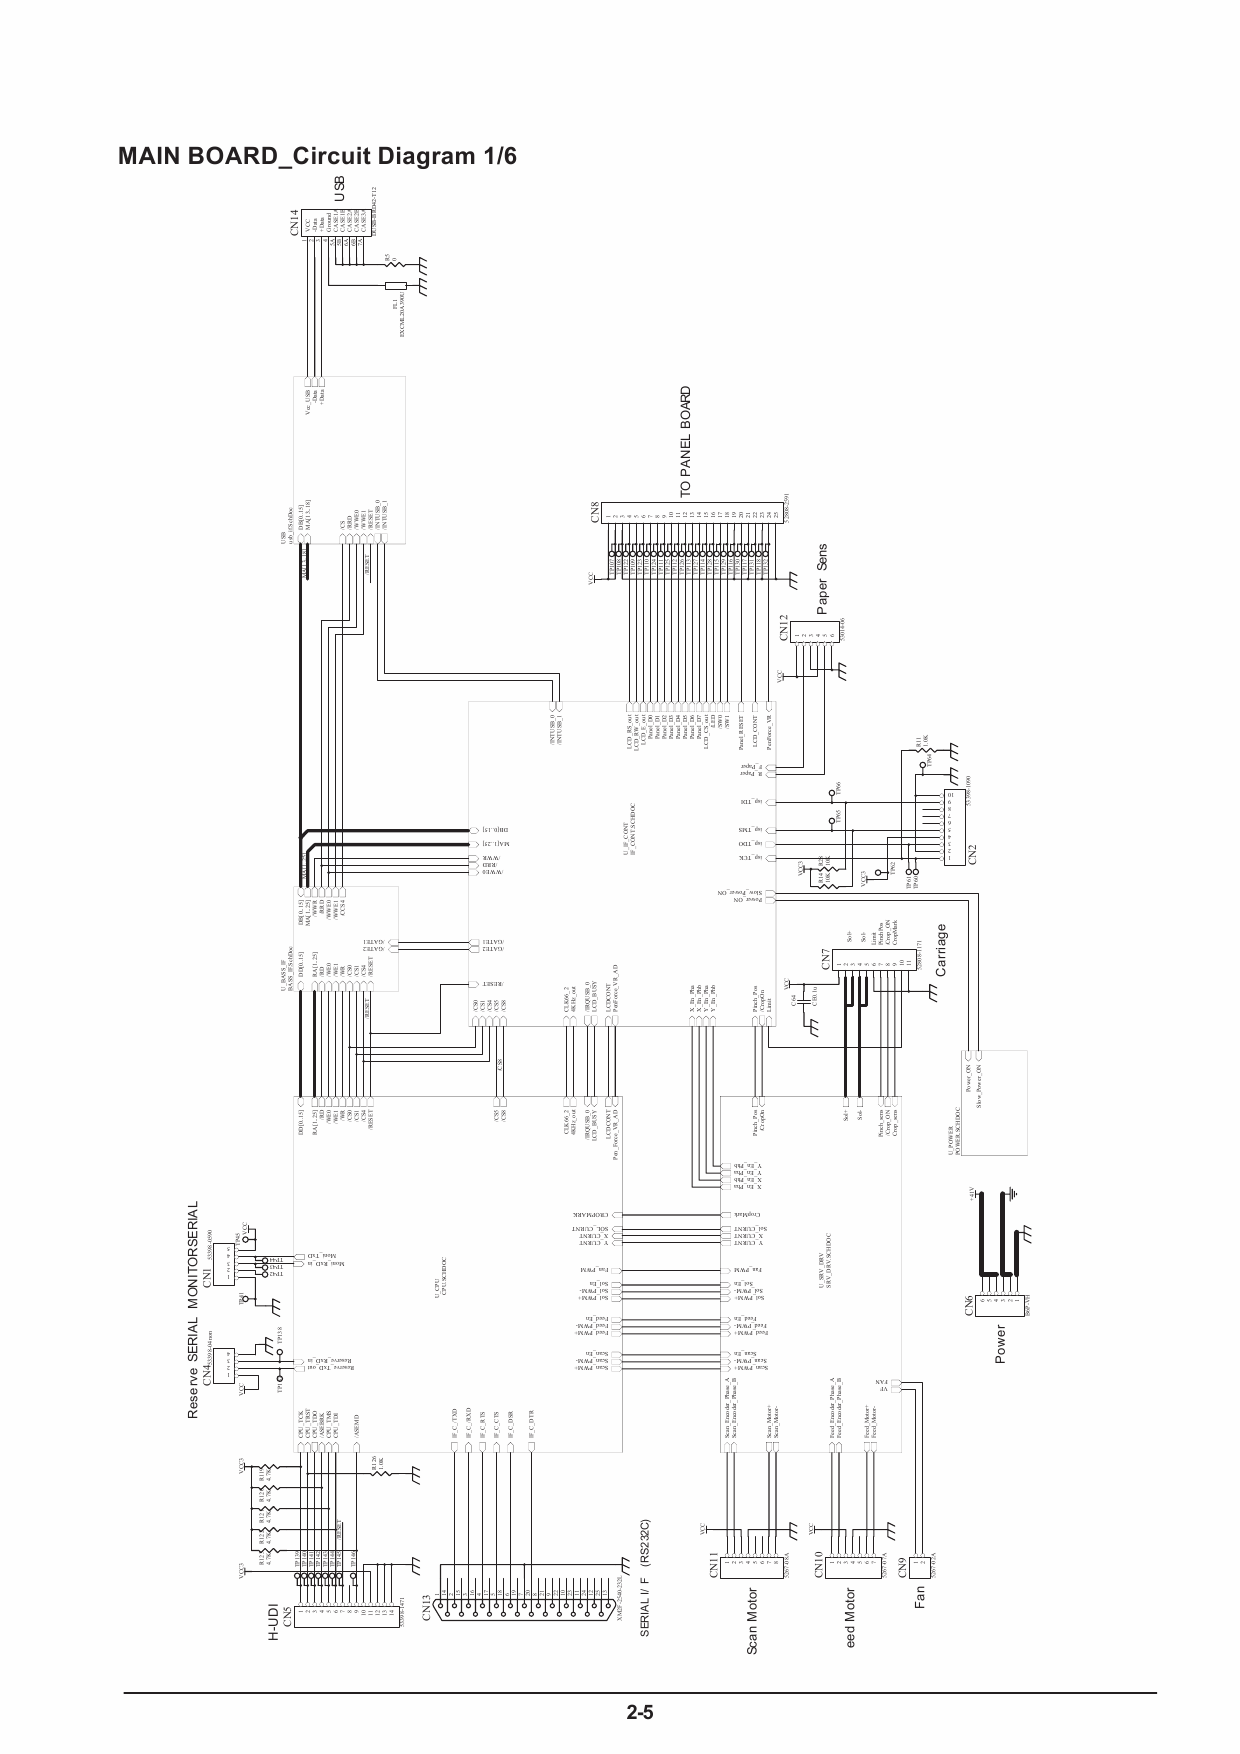 maxitronix 500 in 1 manual pdf